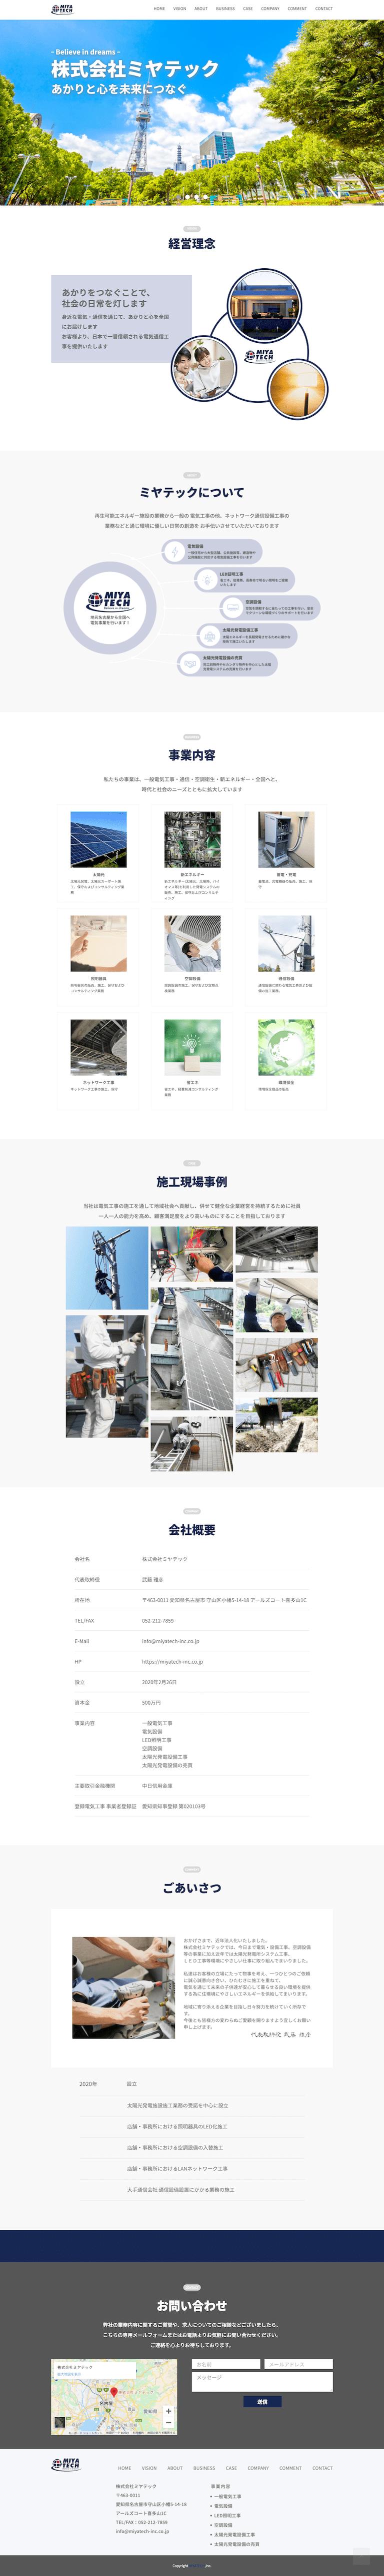 株式会社ミヤテック様ホームページ(PC)